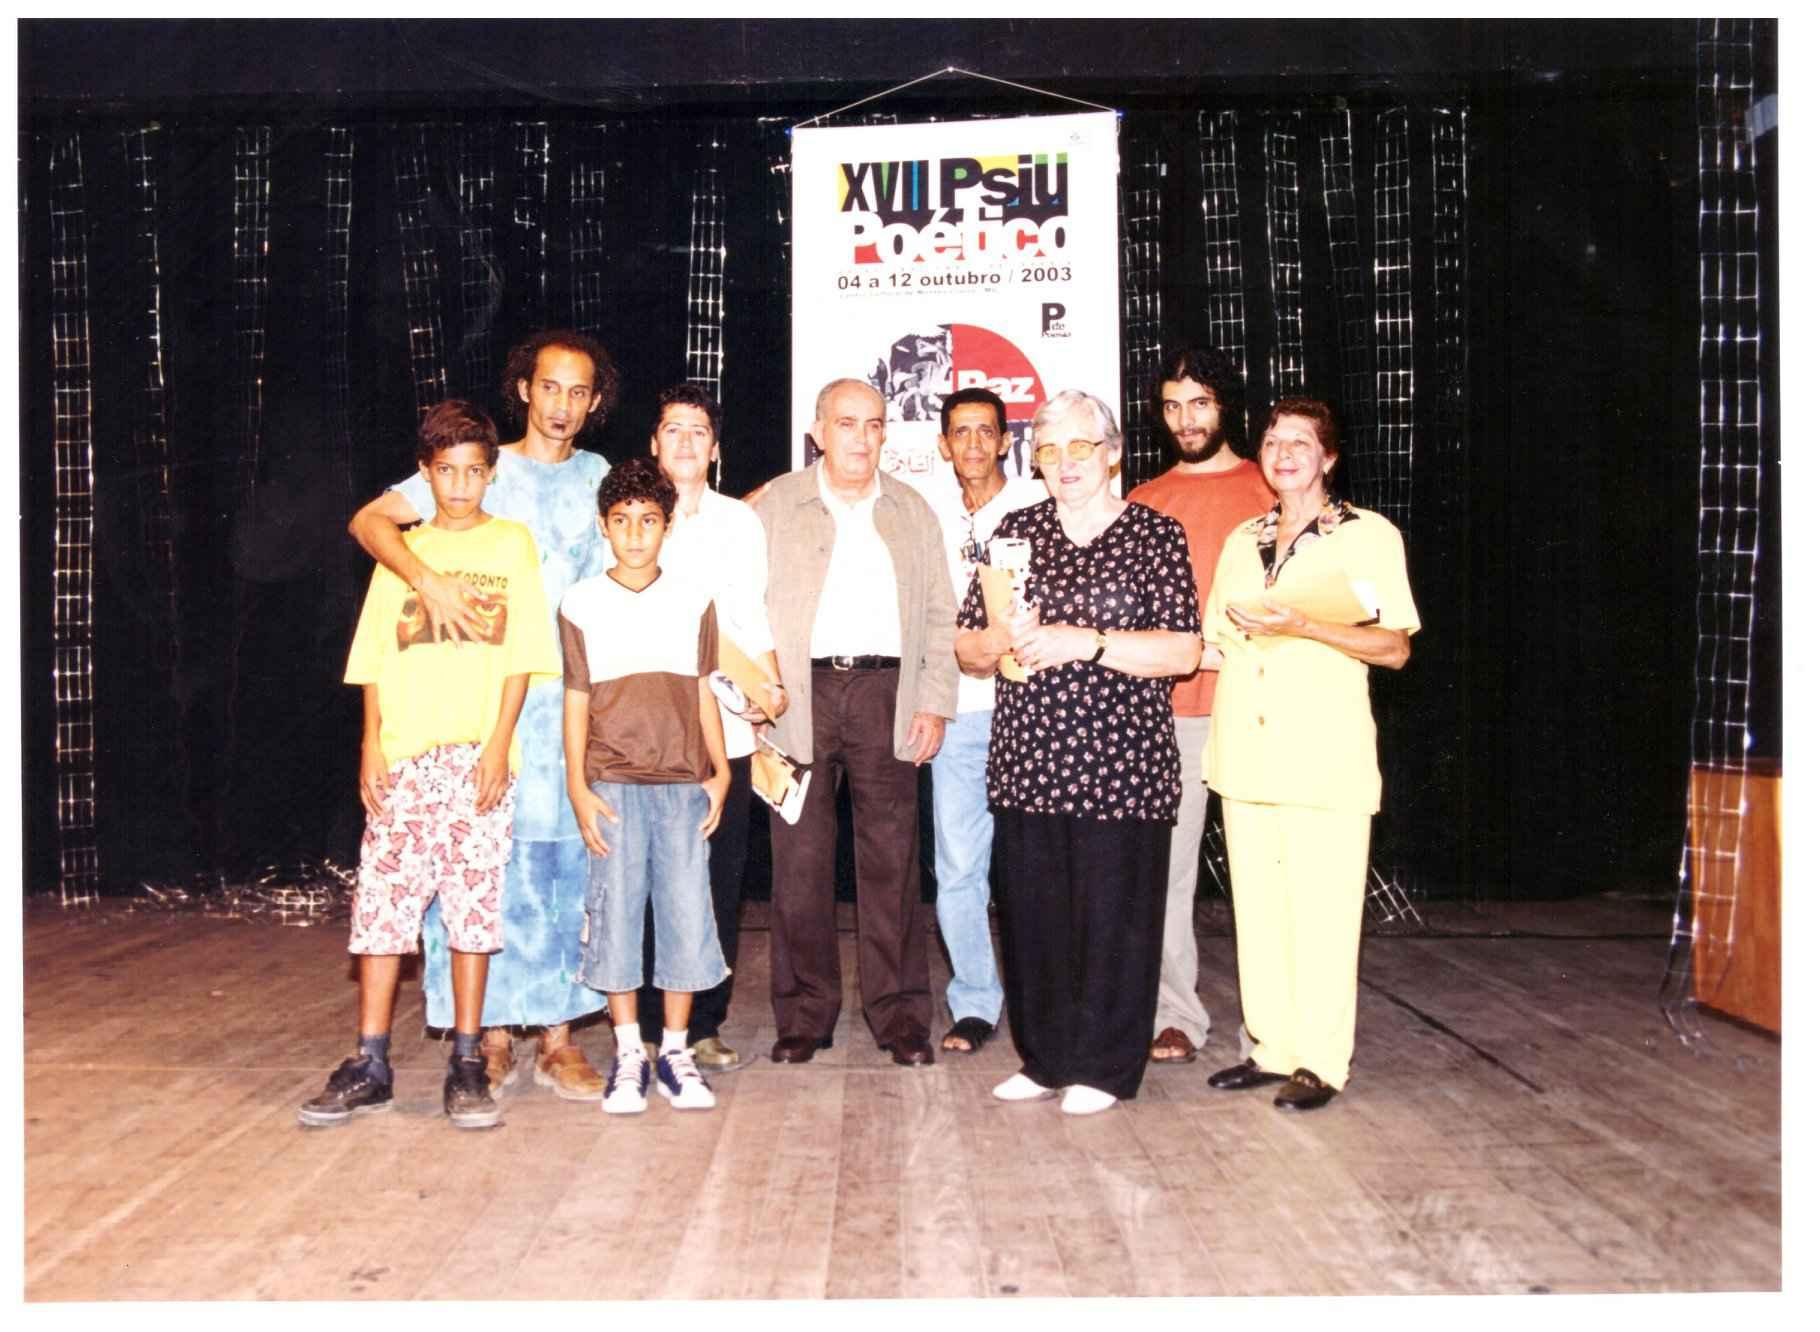 Registro do 17º Psiu Poético, realizado em Montes Claros, em 2003